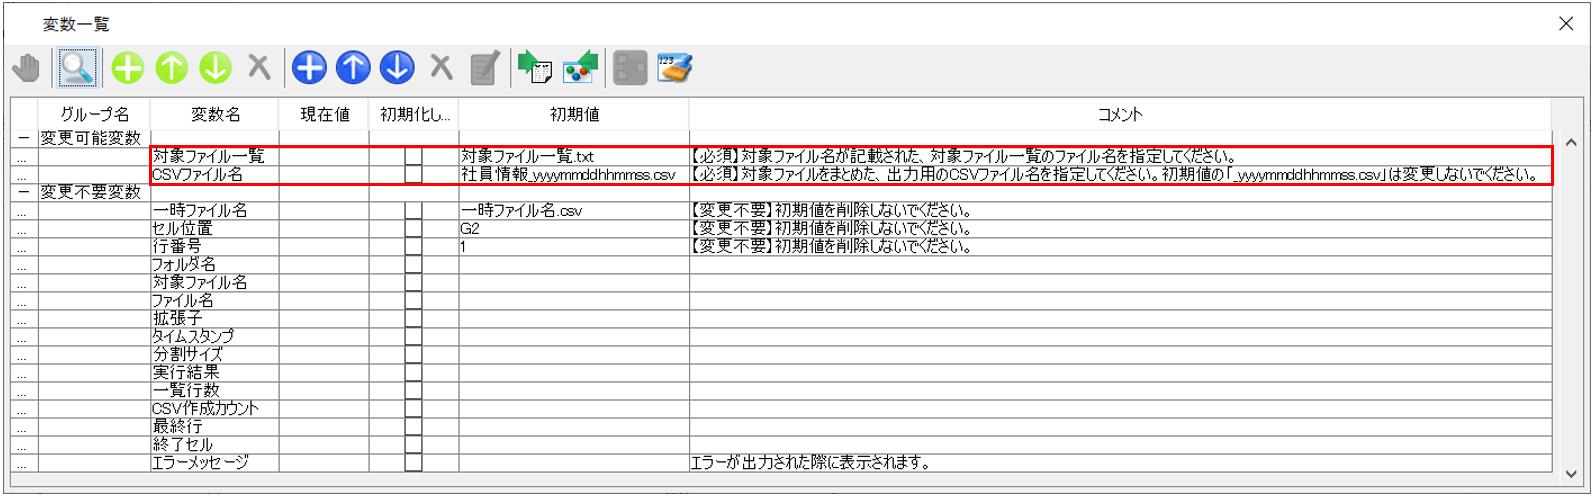 10927_input1.png